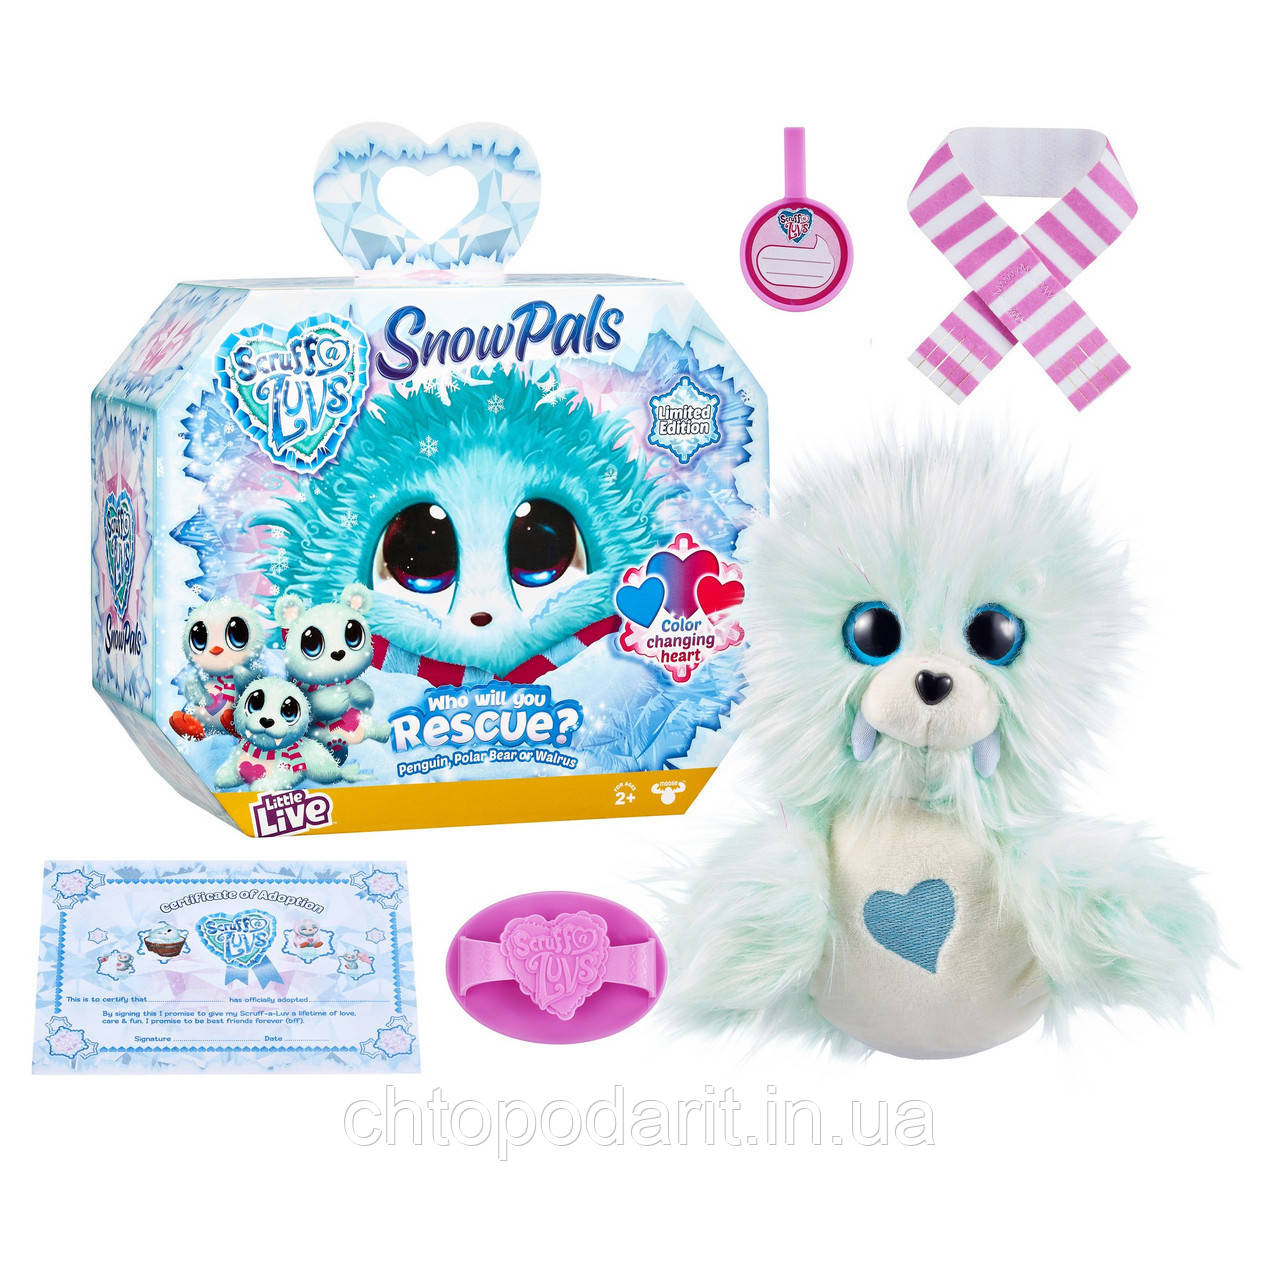 Пушистик потеряшка «Снежные друзья» игрушка сюрприз Scruff A Luvs Snow Pals Код 12-2011